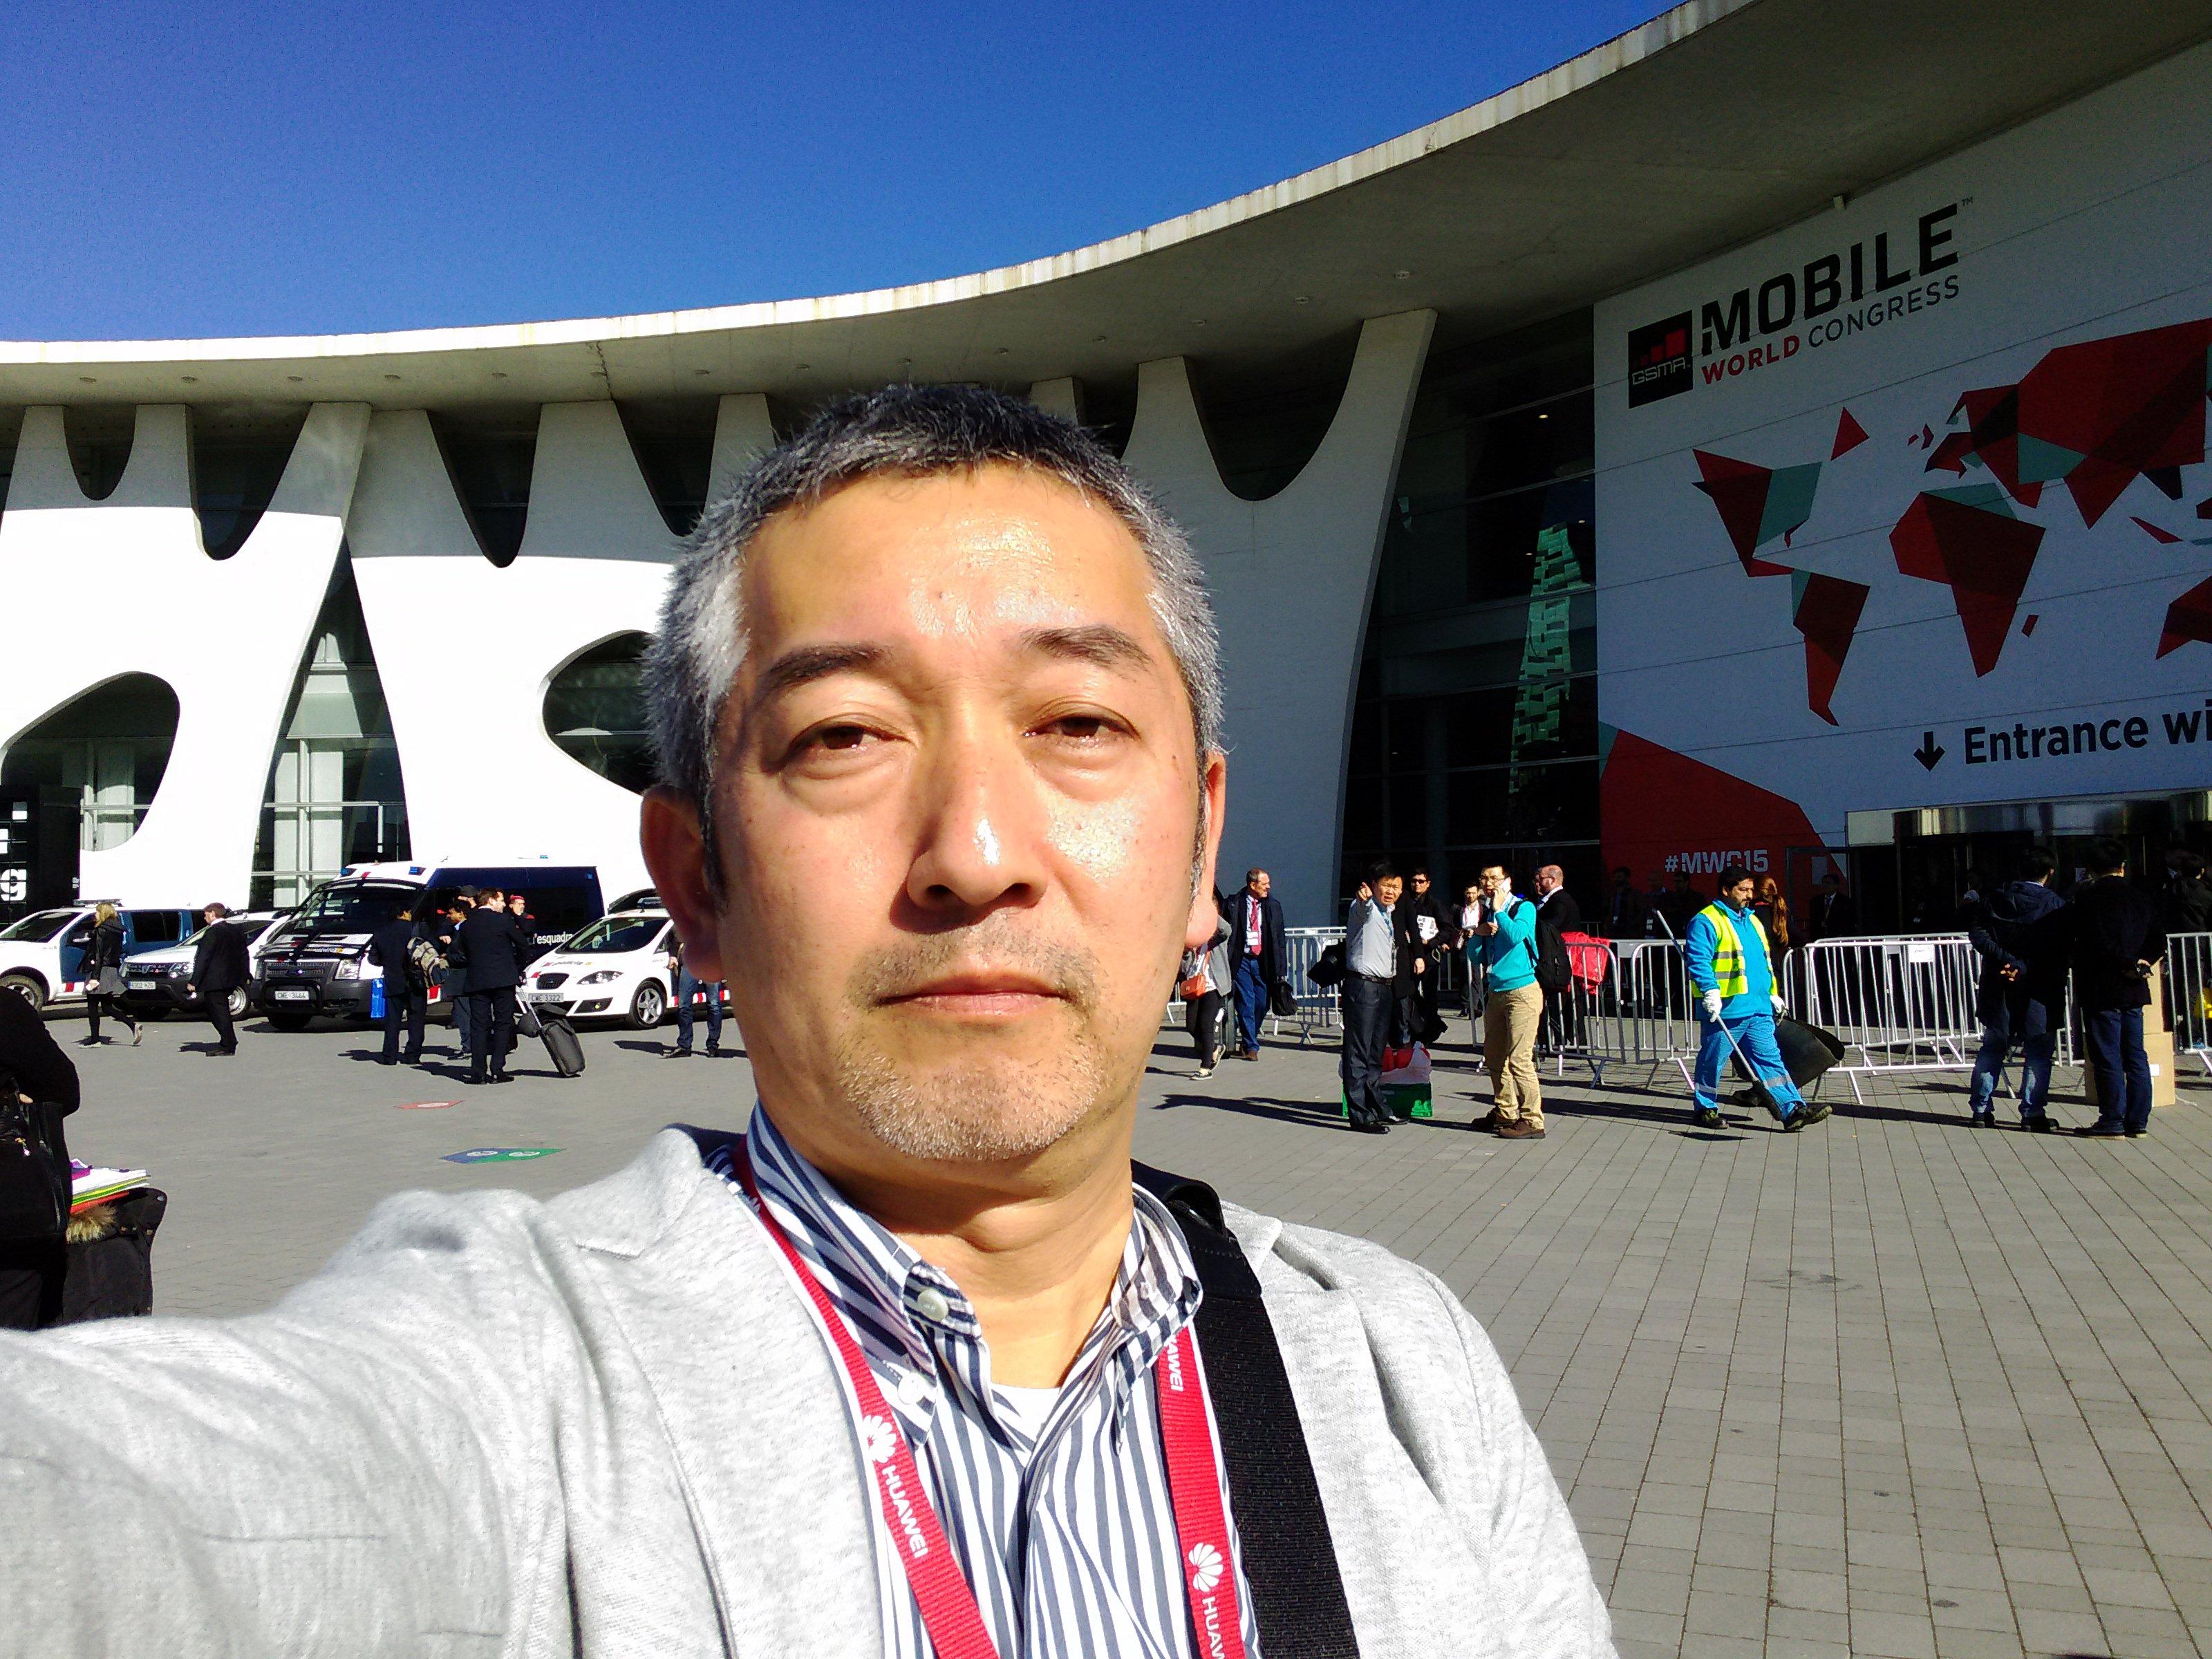 MWC2015の会場の前で撮影した写真